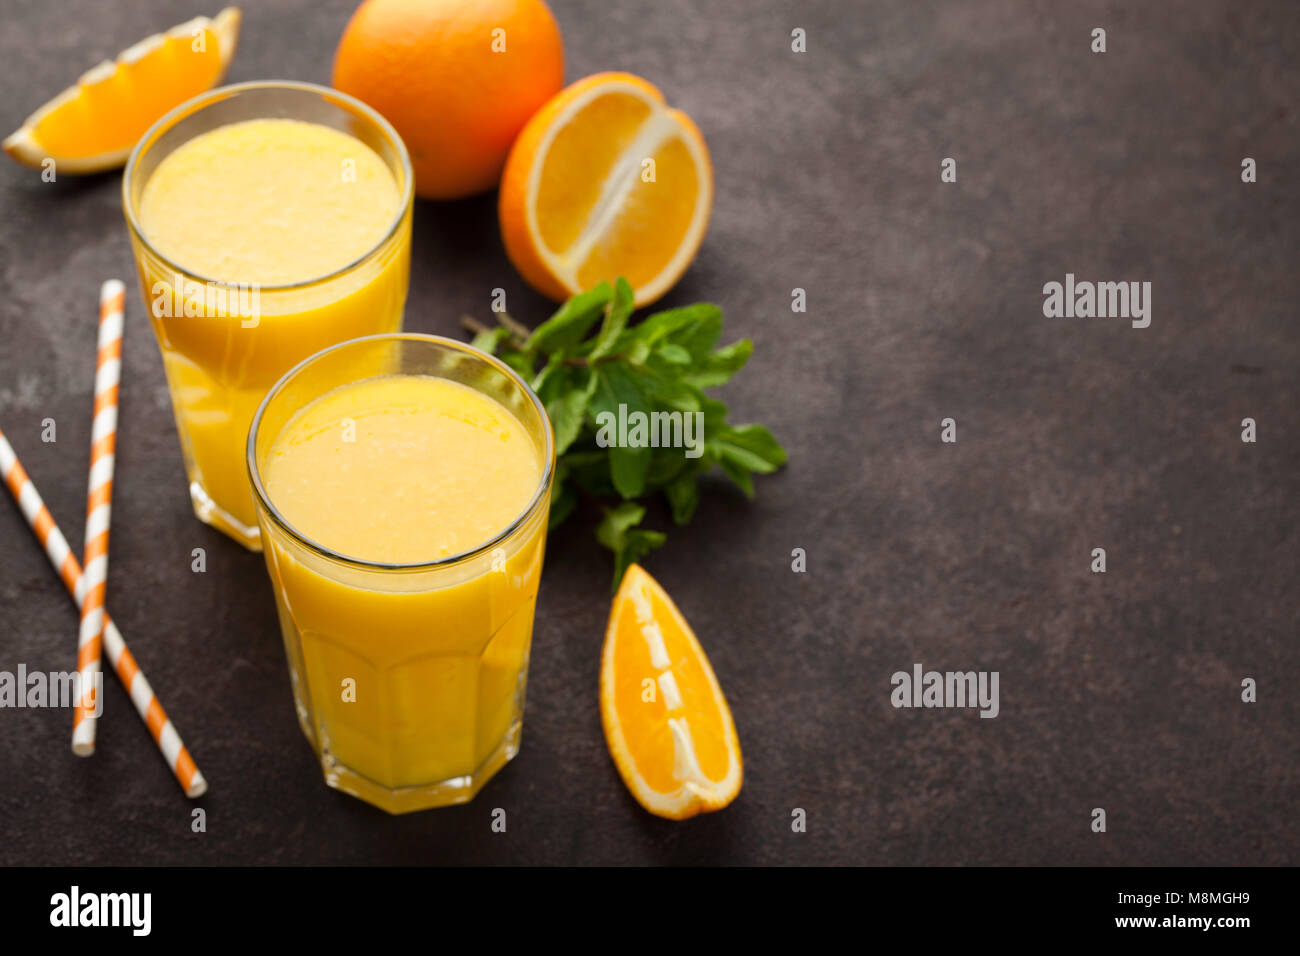 Dos vasos de zumo de naranja recién exprimido y menta sobre un fondo de color marrón oscuro. Vista superior Imagen De Stock